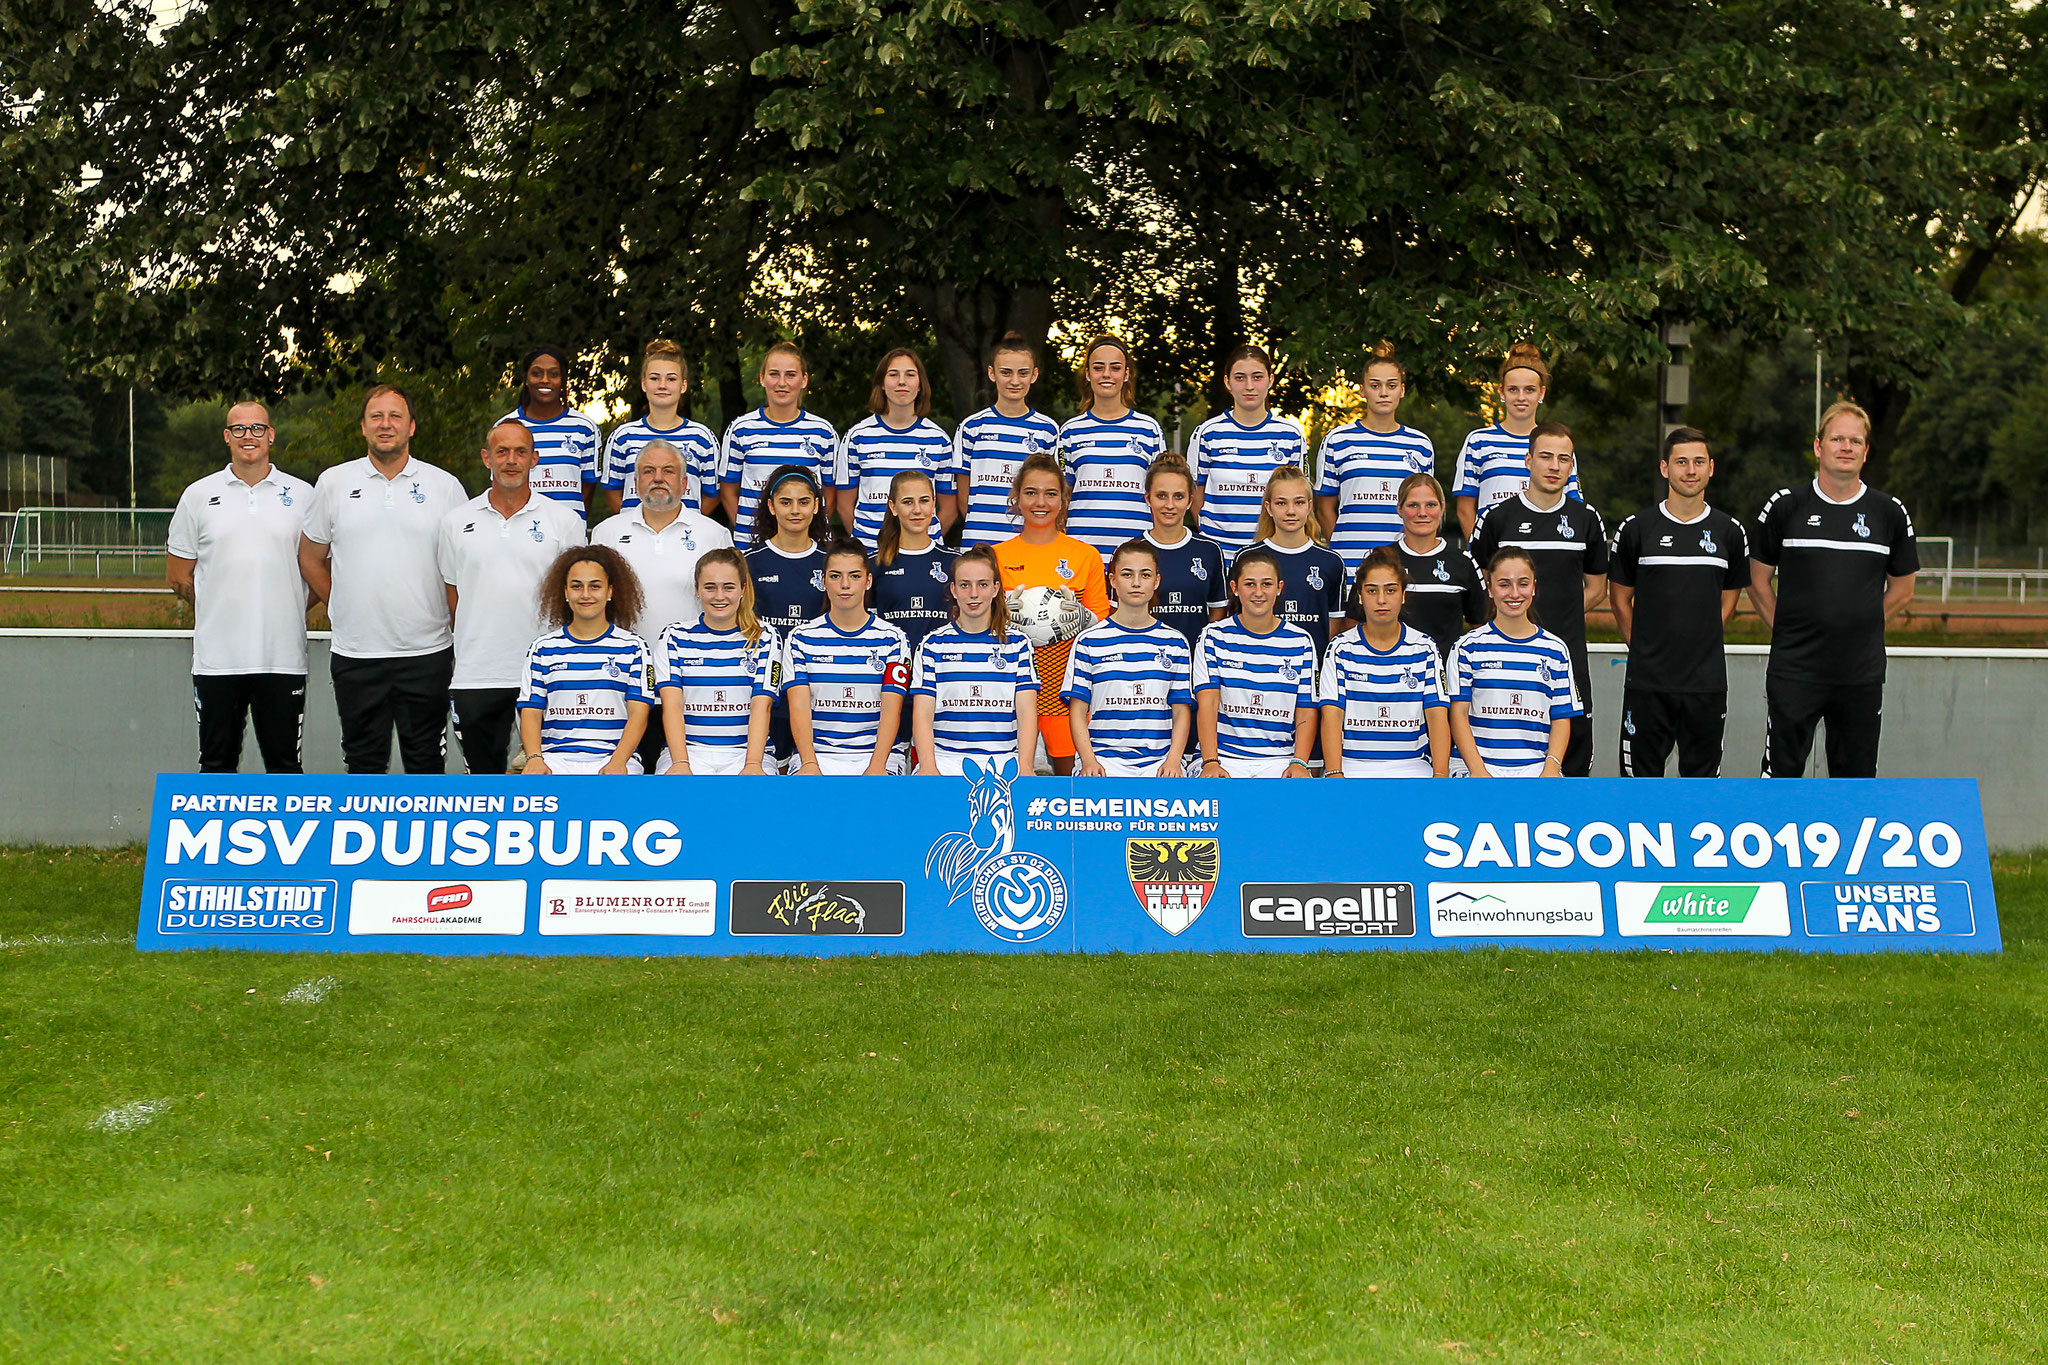 Der Kader des MSV Duisburg II für die Saison 2019/20 - Im dritten Anlauf soll die Rückkehr in die Regionalliga West gelingen...